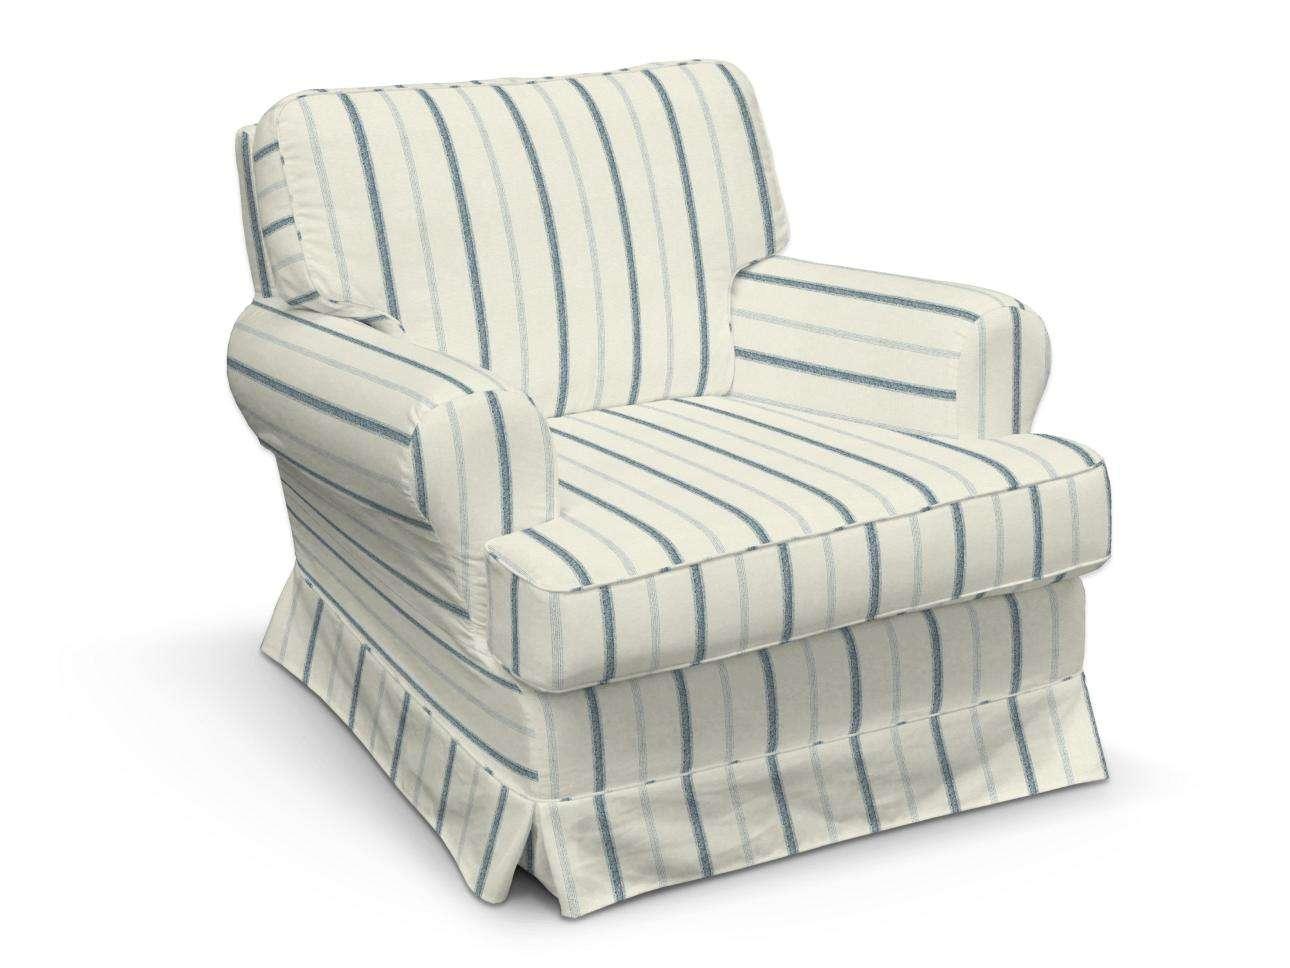 Barkaby fotelio užvalkalas Barkaby fotelio užvalkalas kolekcijoje Avinon, audinys: 129-66